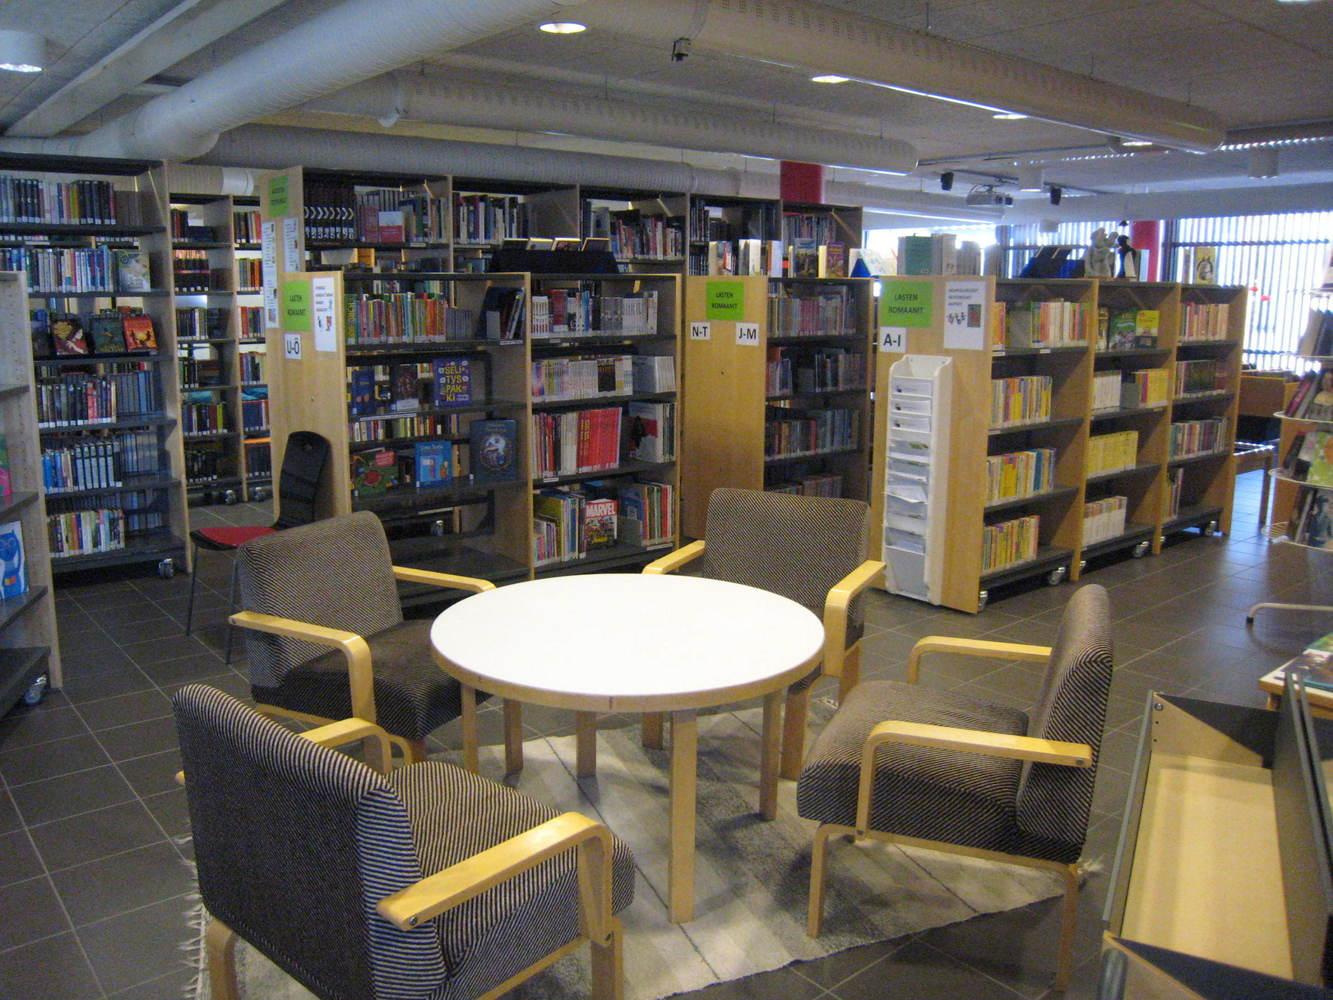 Tietotori library